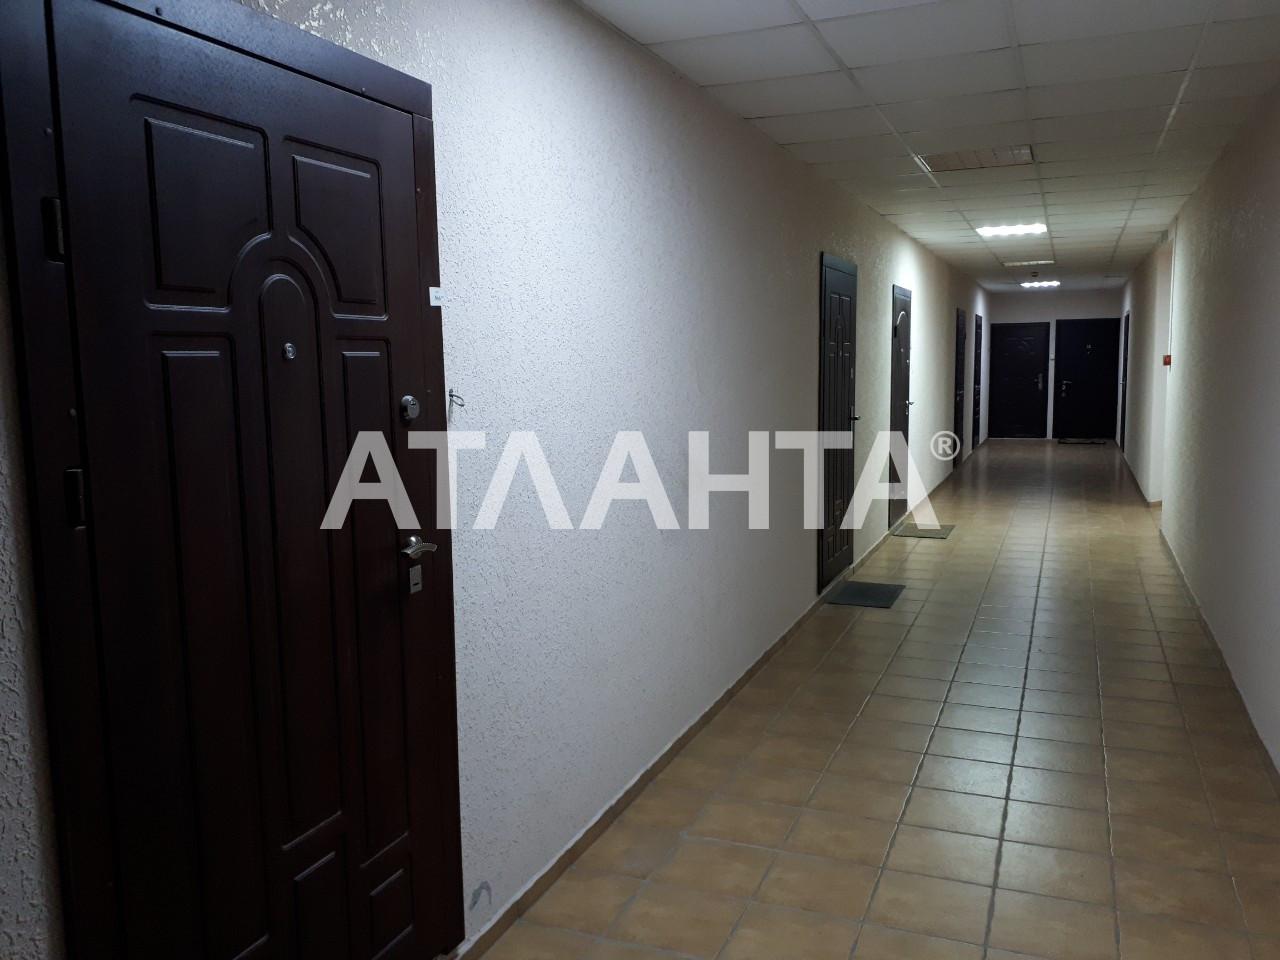 Продается 2-комнатная Квартира на ул. Ул. Луценко Дмитрия — 70 000 у.е. (фото №17)